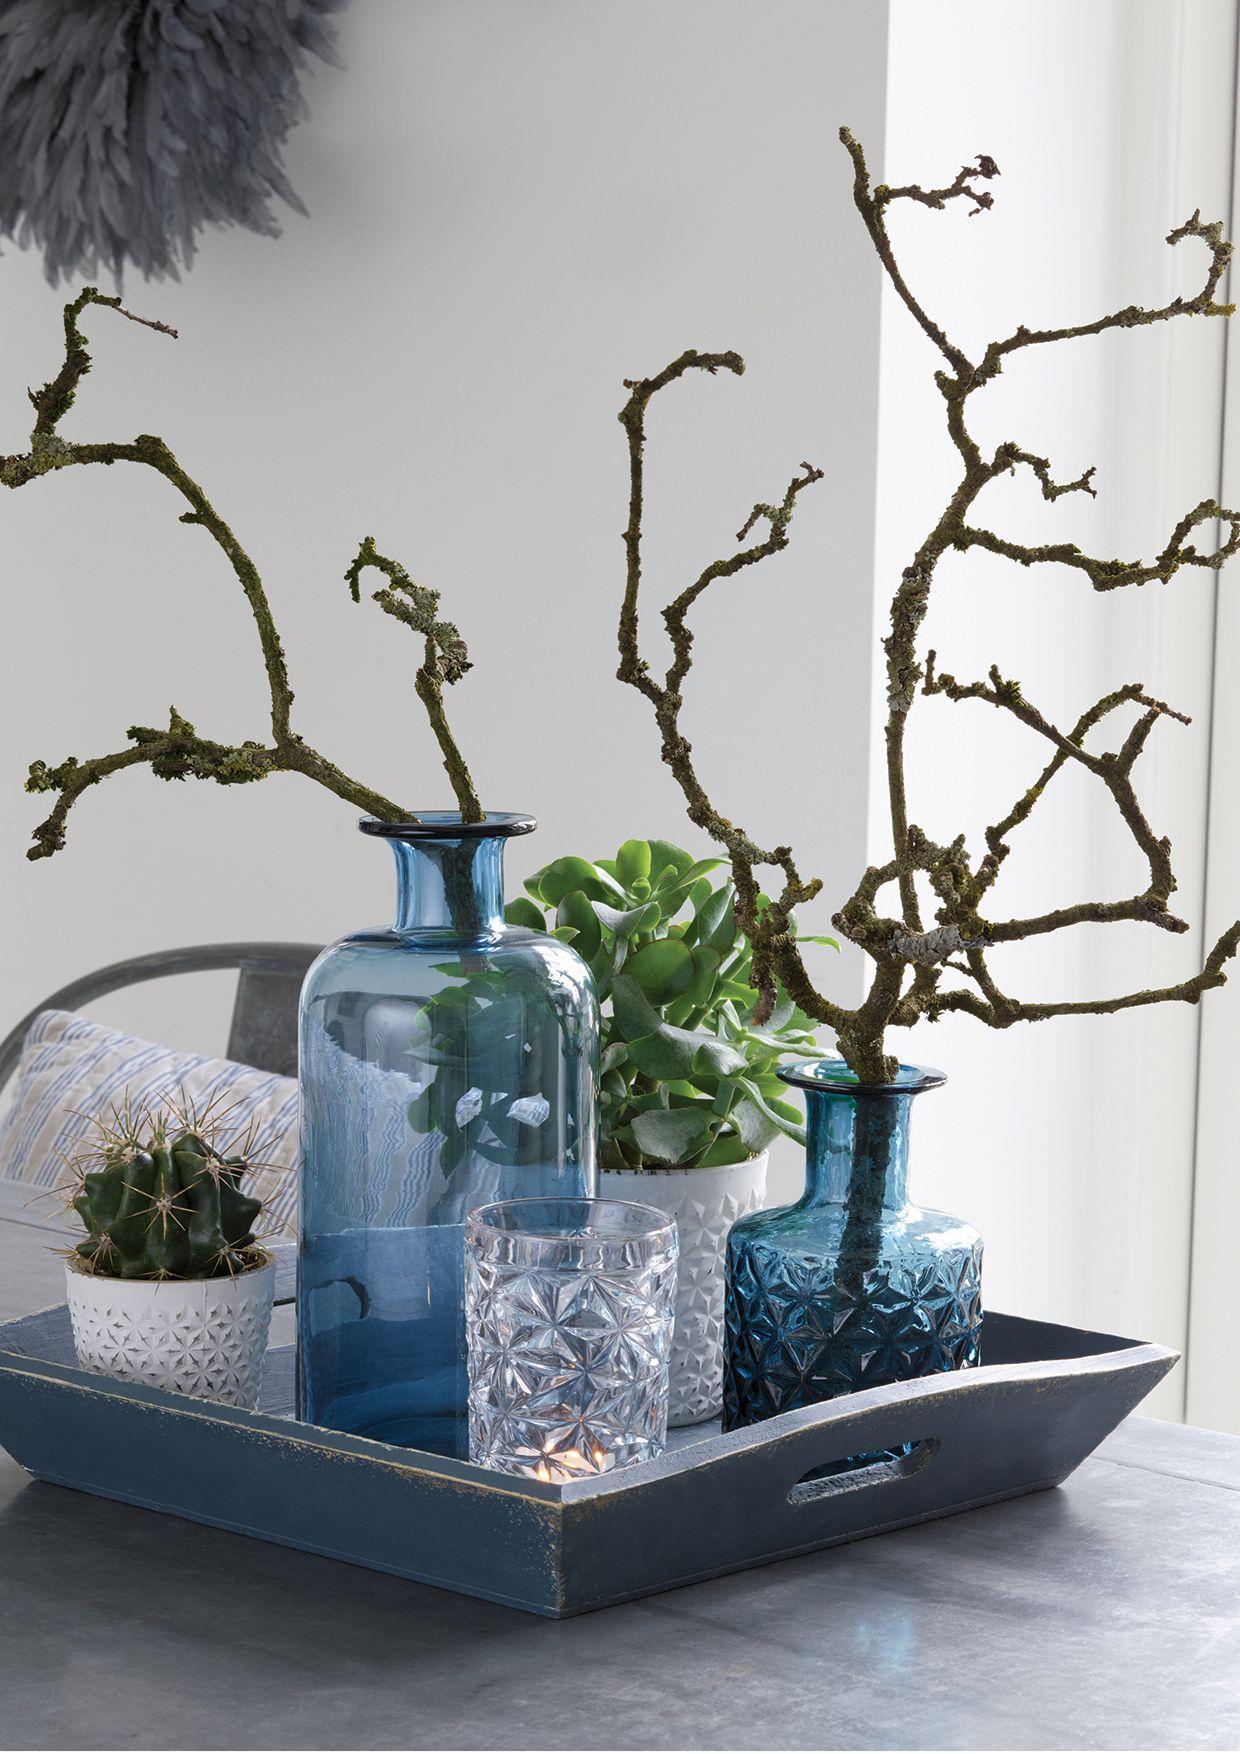 die neue herbst winter kollektion 2016 von greengate ist eingetroffen und versch nert mit. Black Bedroom Furniture Sets. Home Design Ideas